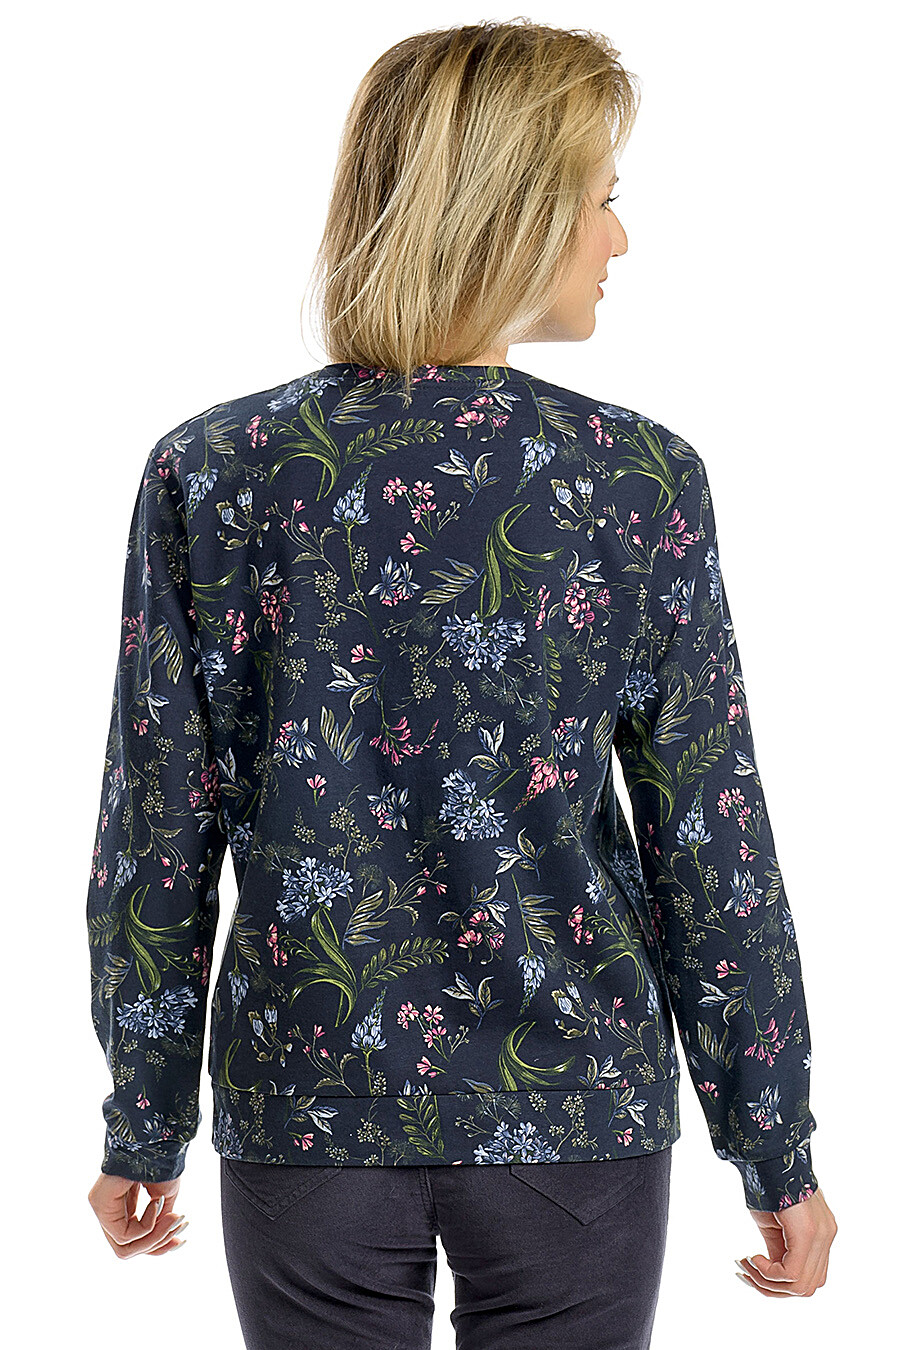 Толстовка для женщин PELICAN 146716 купить оптом от производителя. Совместная покупка женской одежды в OptMoyo